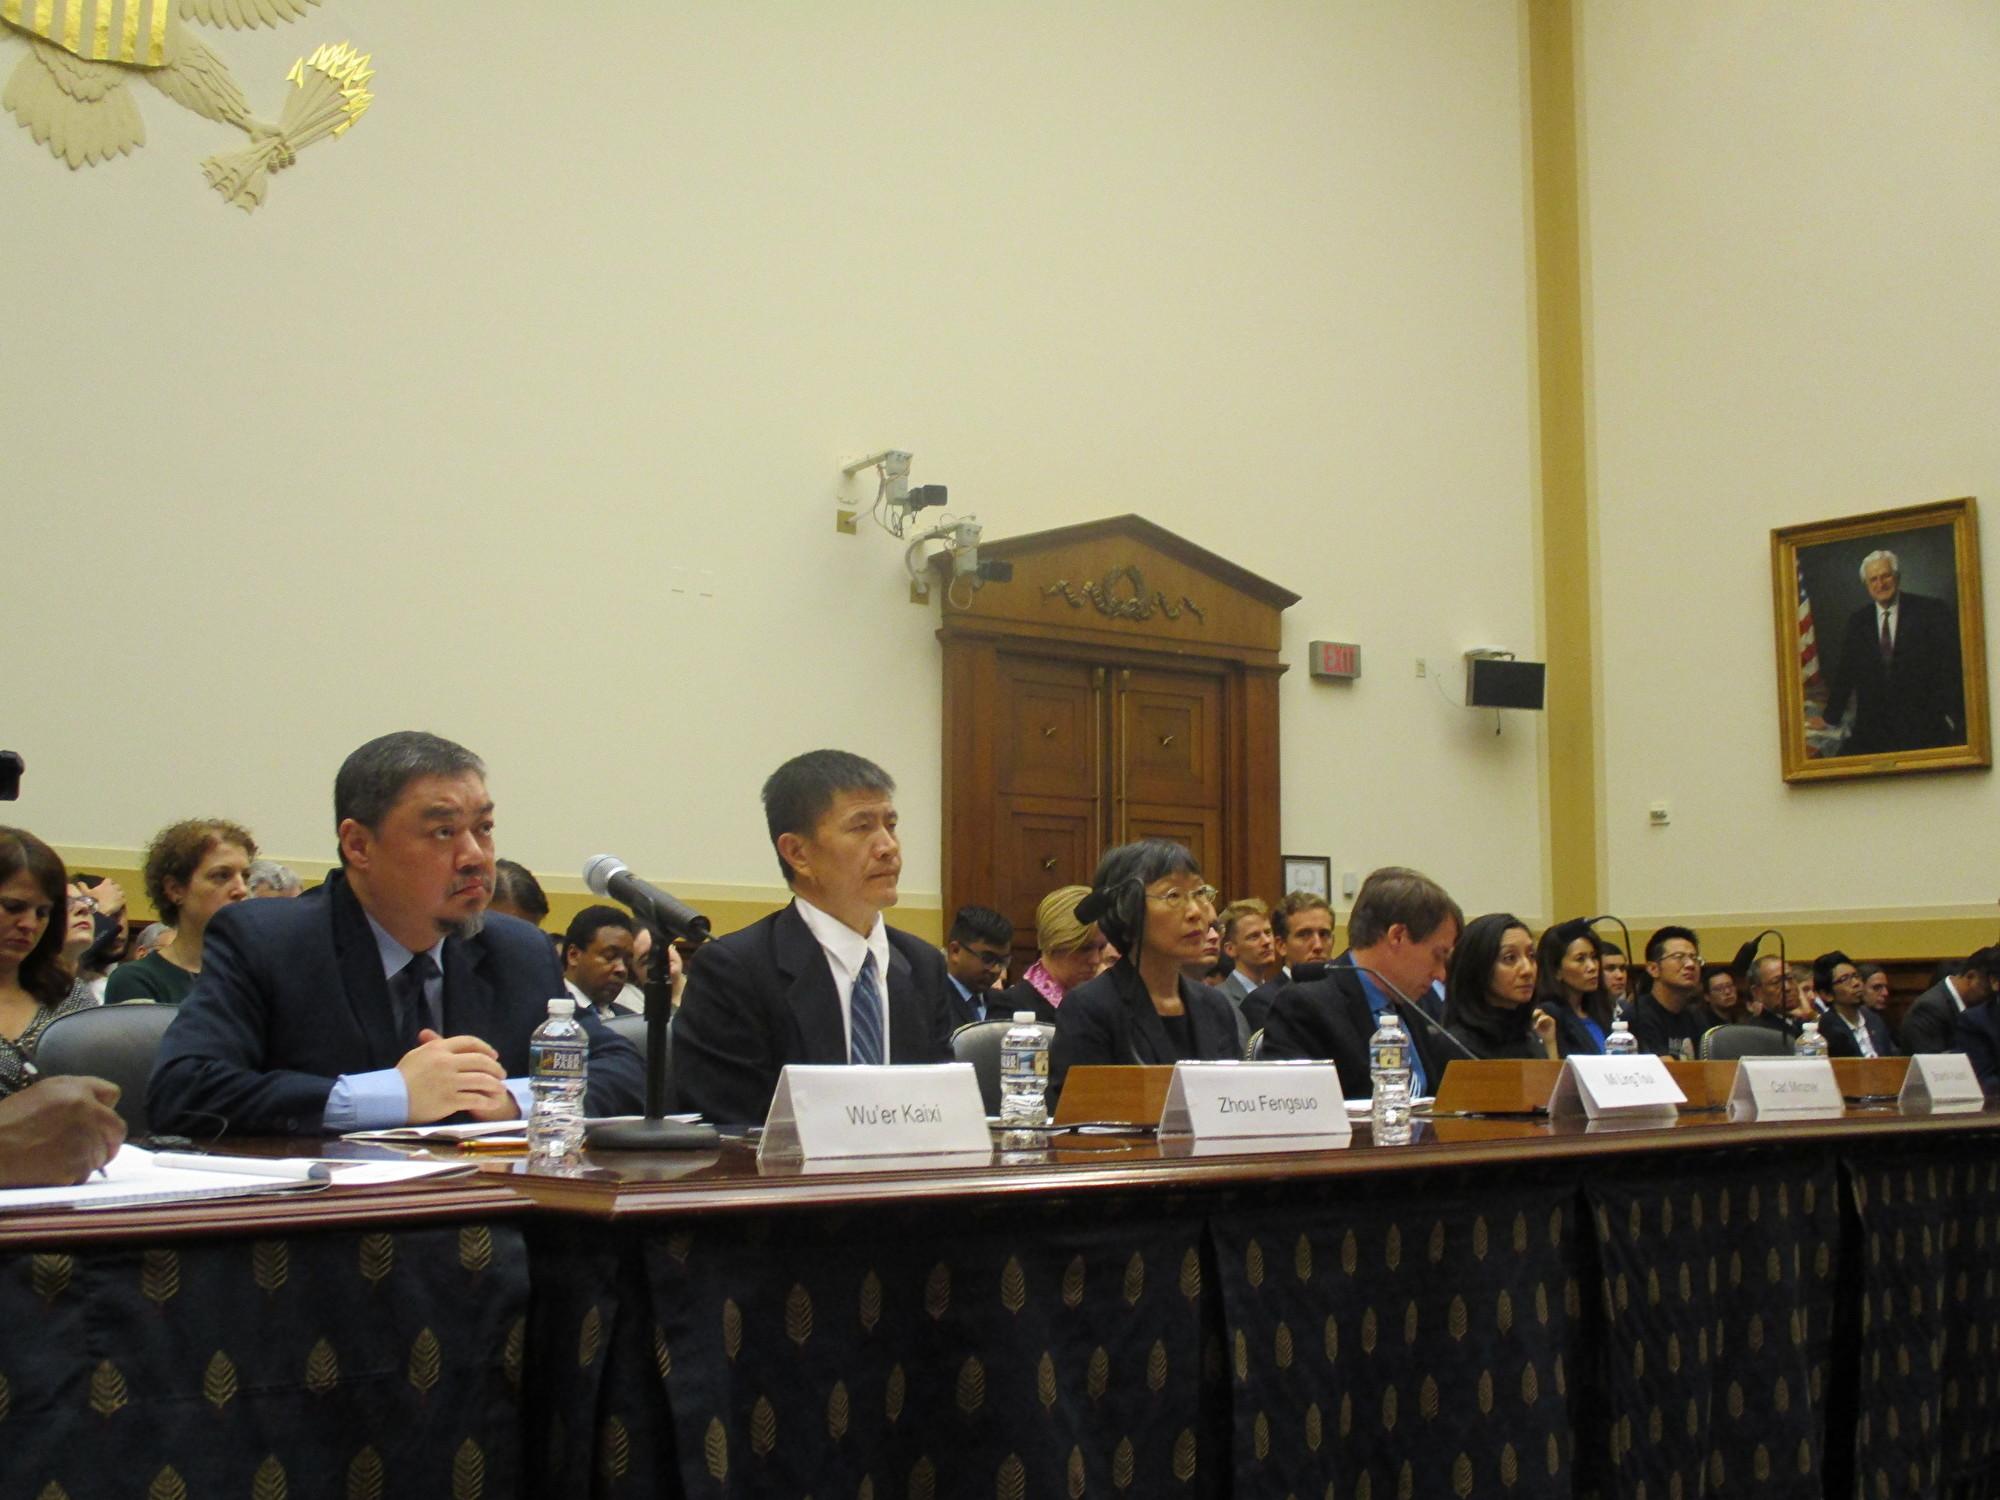 六四學生運動領袖吾爾開希(左一)、周鋒鎖(左二)在聽證會上。(李辰/大紀元)